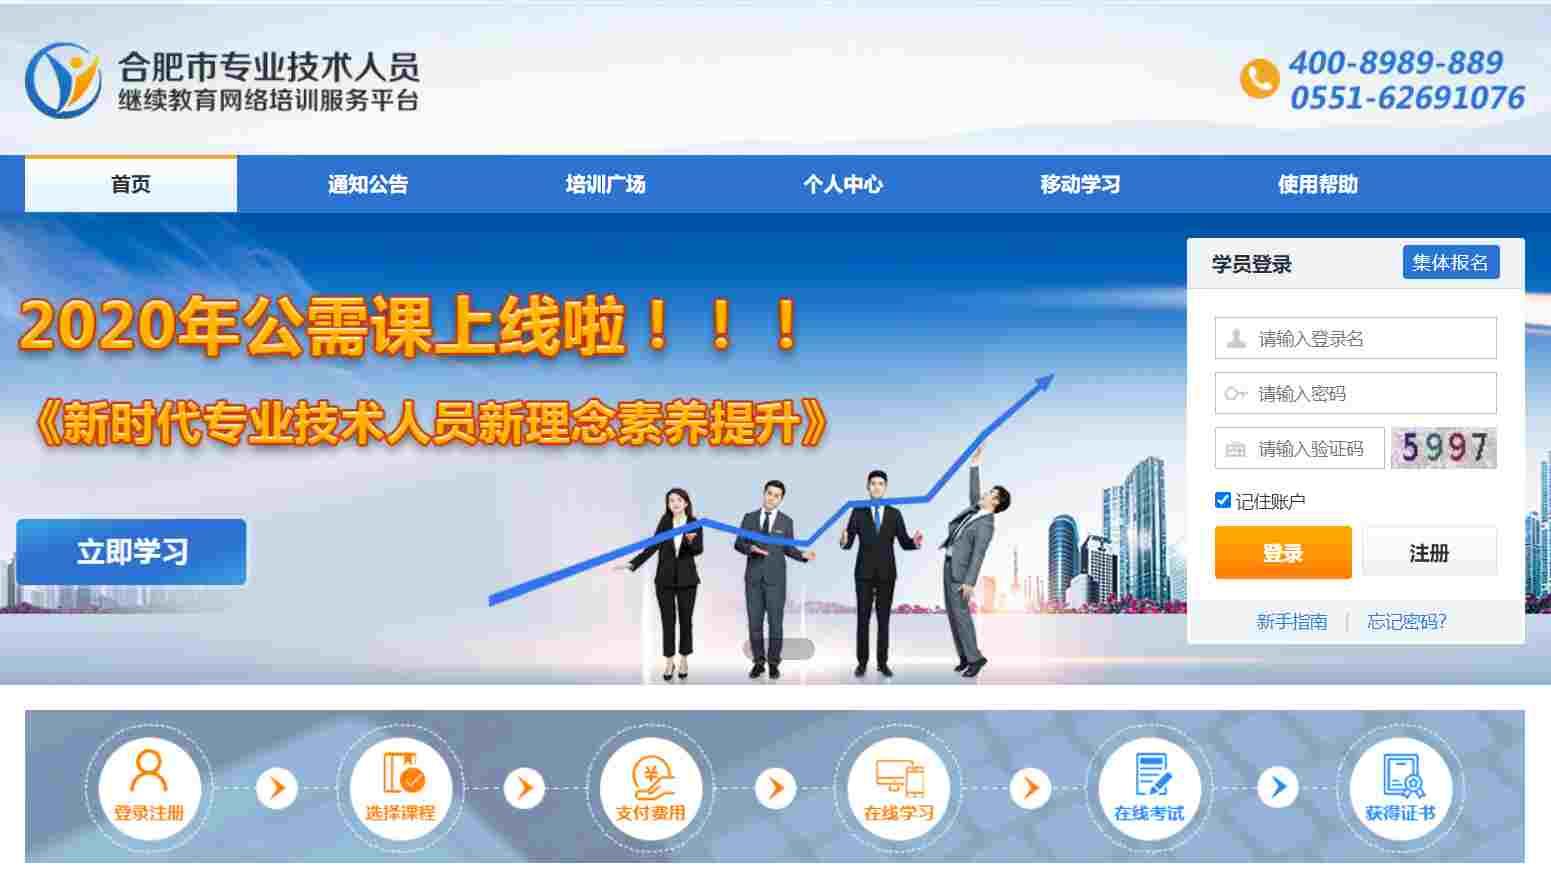 安徽省合肥市专业技术人员继续教育网络培训服务平台代学